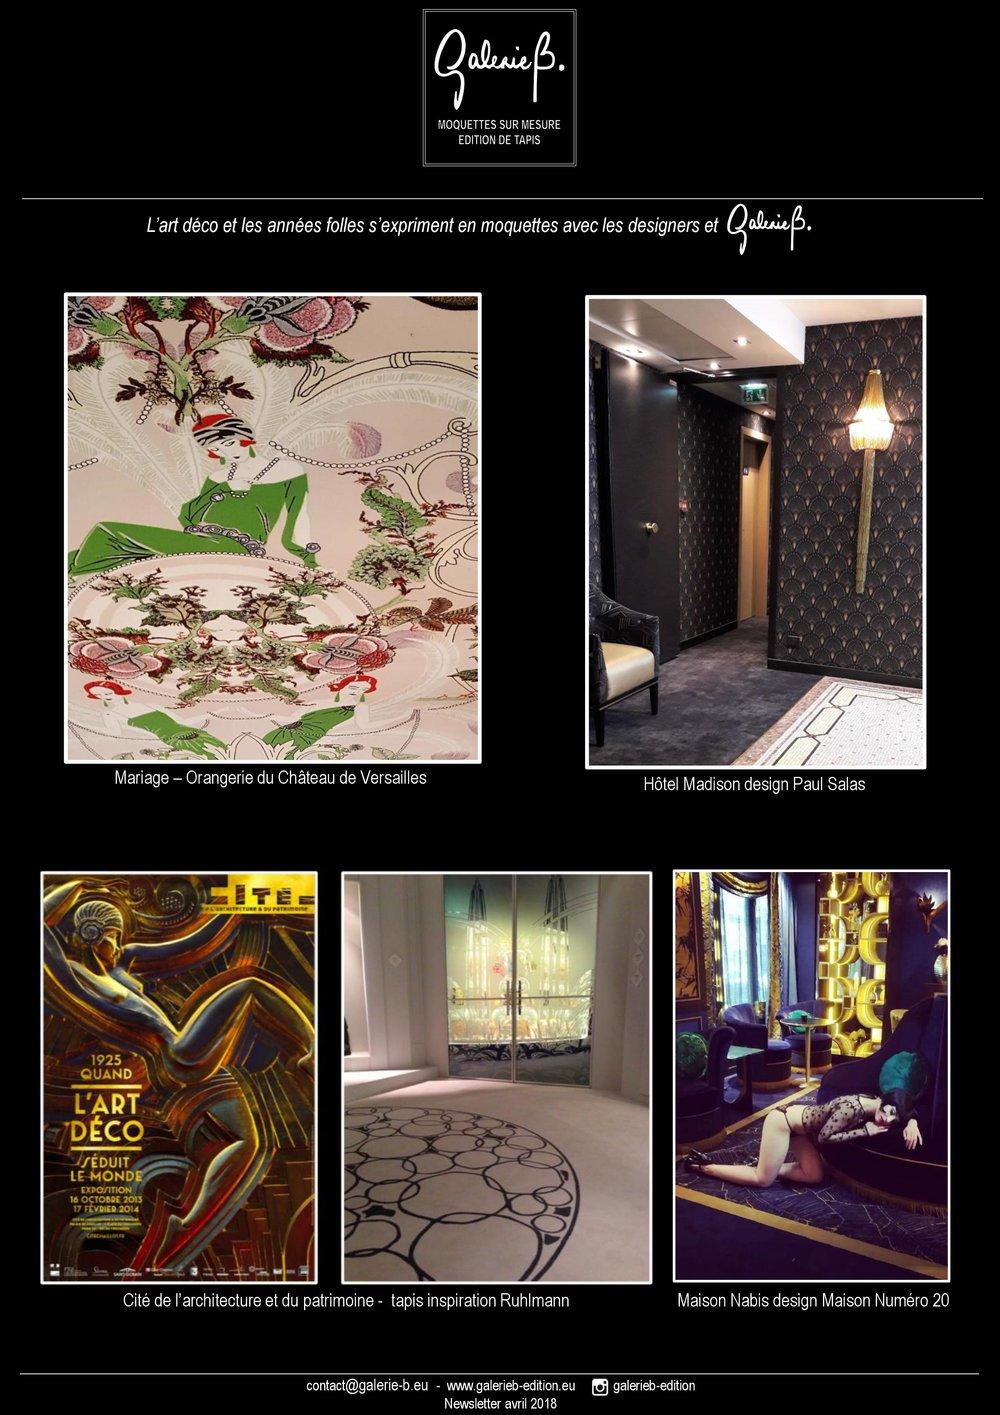 Newsletter Galerie B Avril 2018.jpg